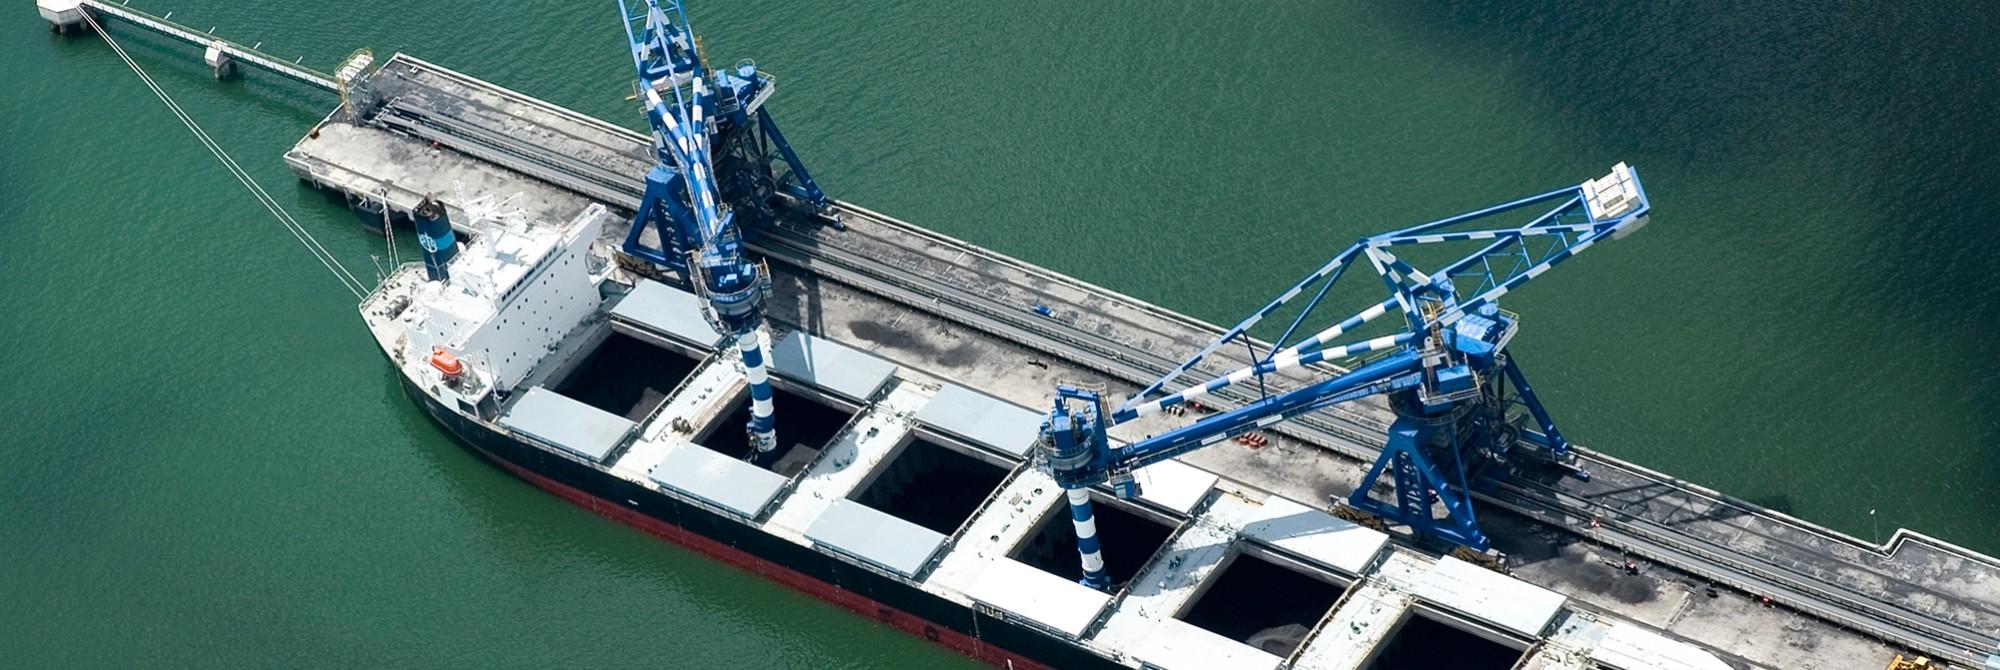 Shipunloaders